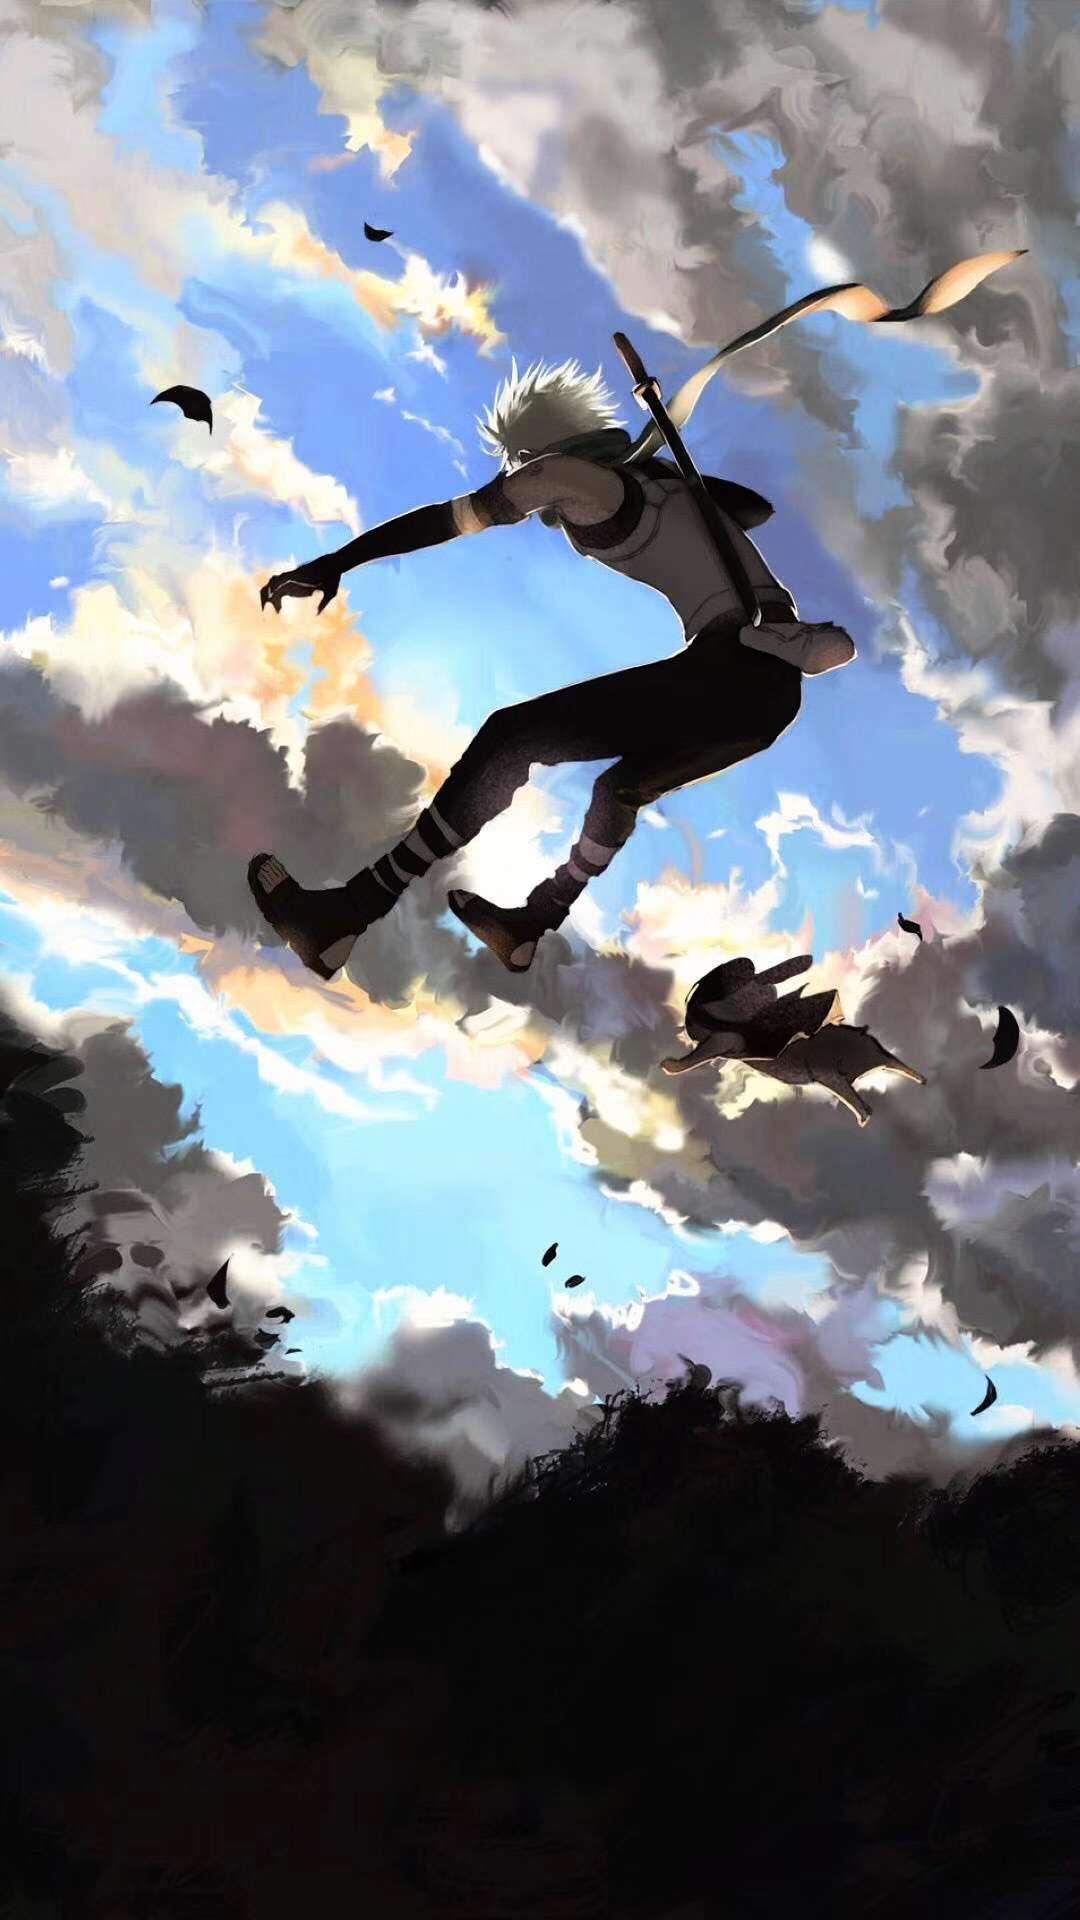 【动漫资源】飞翔的魔女